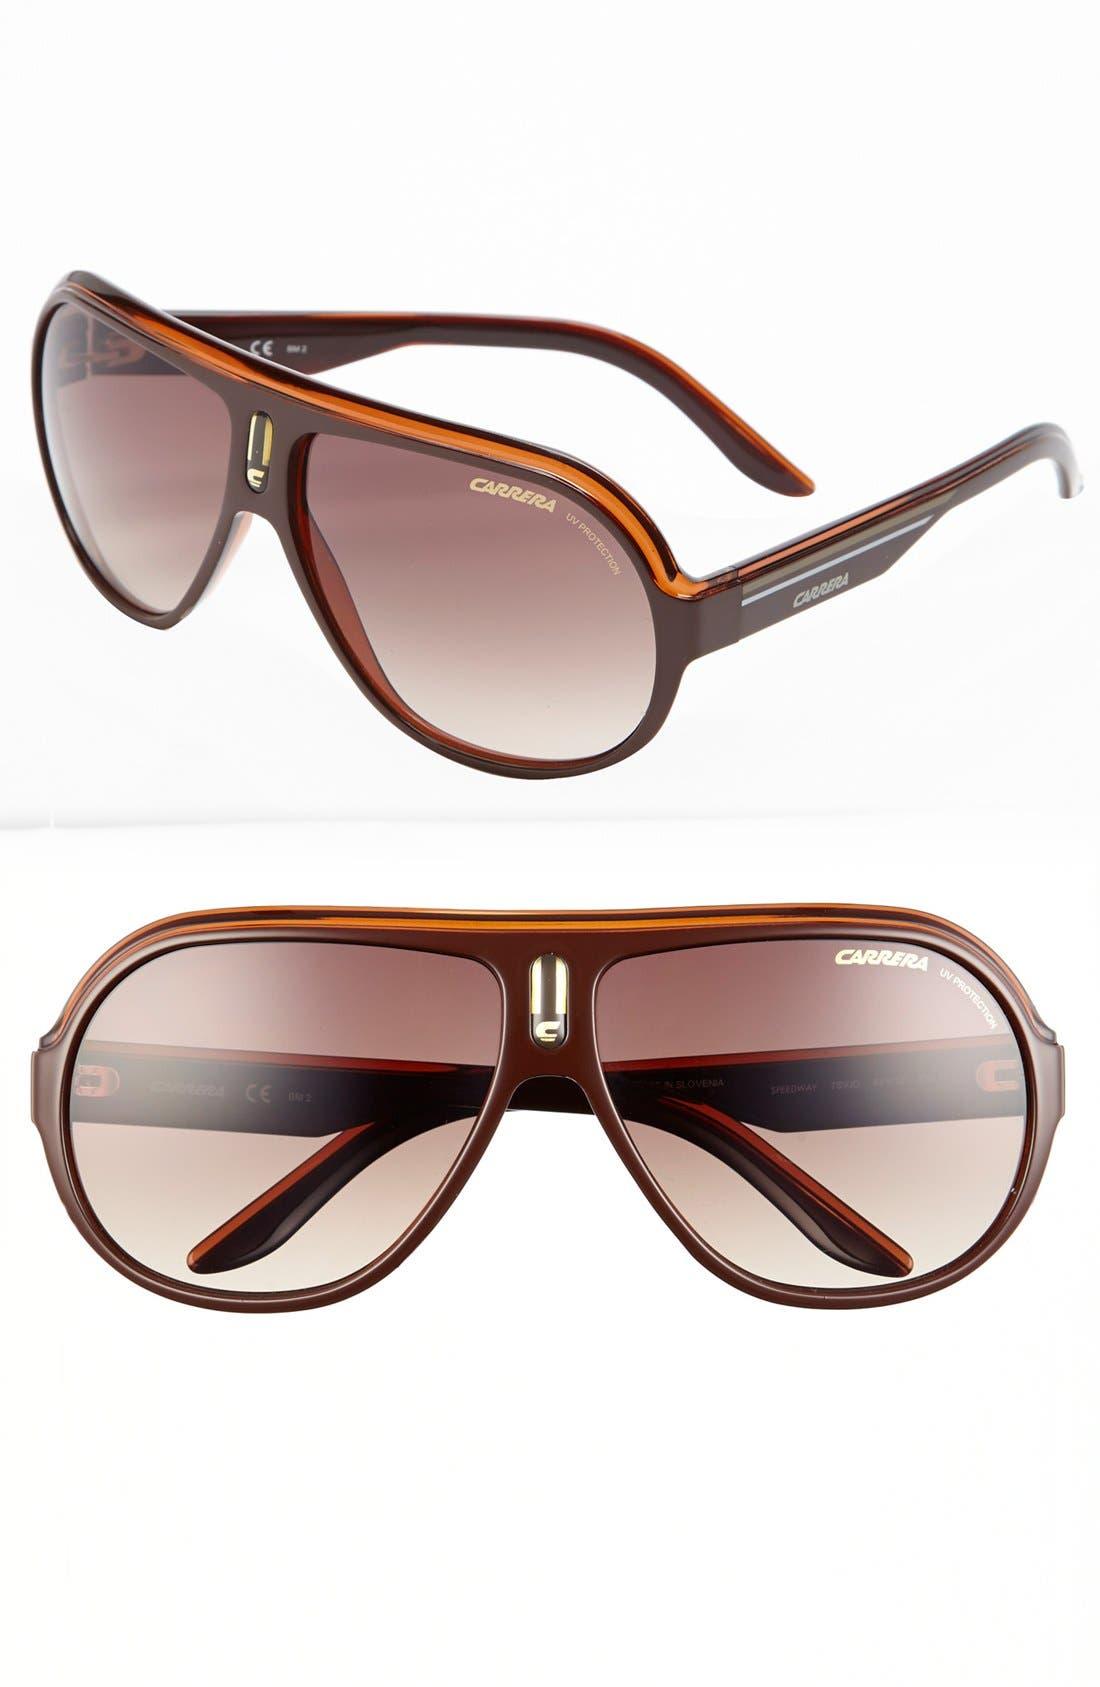 Main Image - Carrera Eyewear 'Speedway' 63mm Aviator Sunglasses